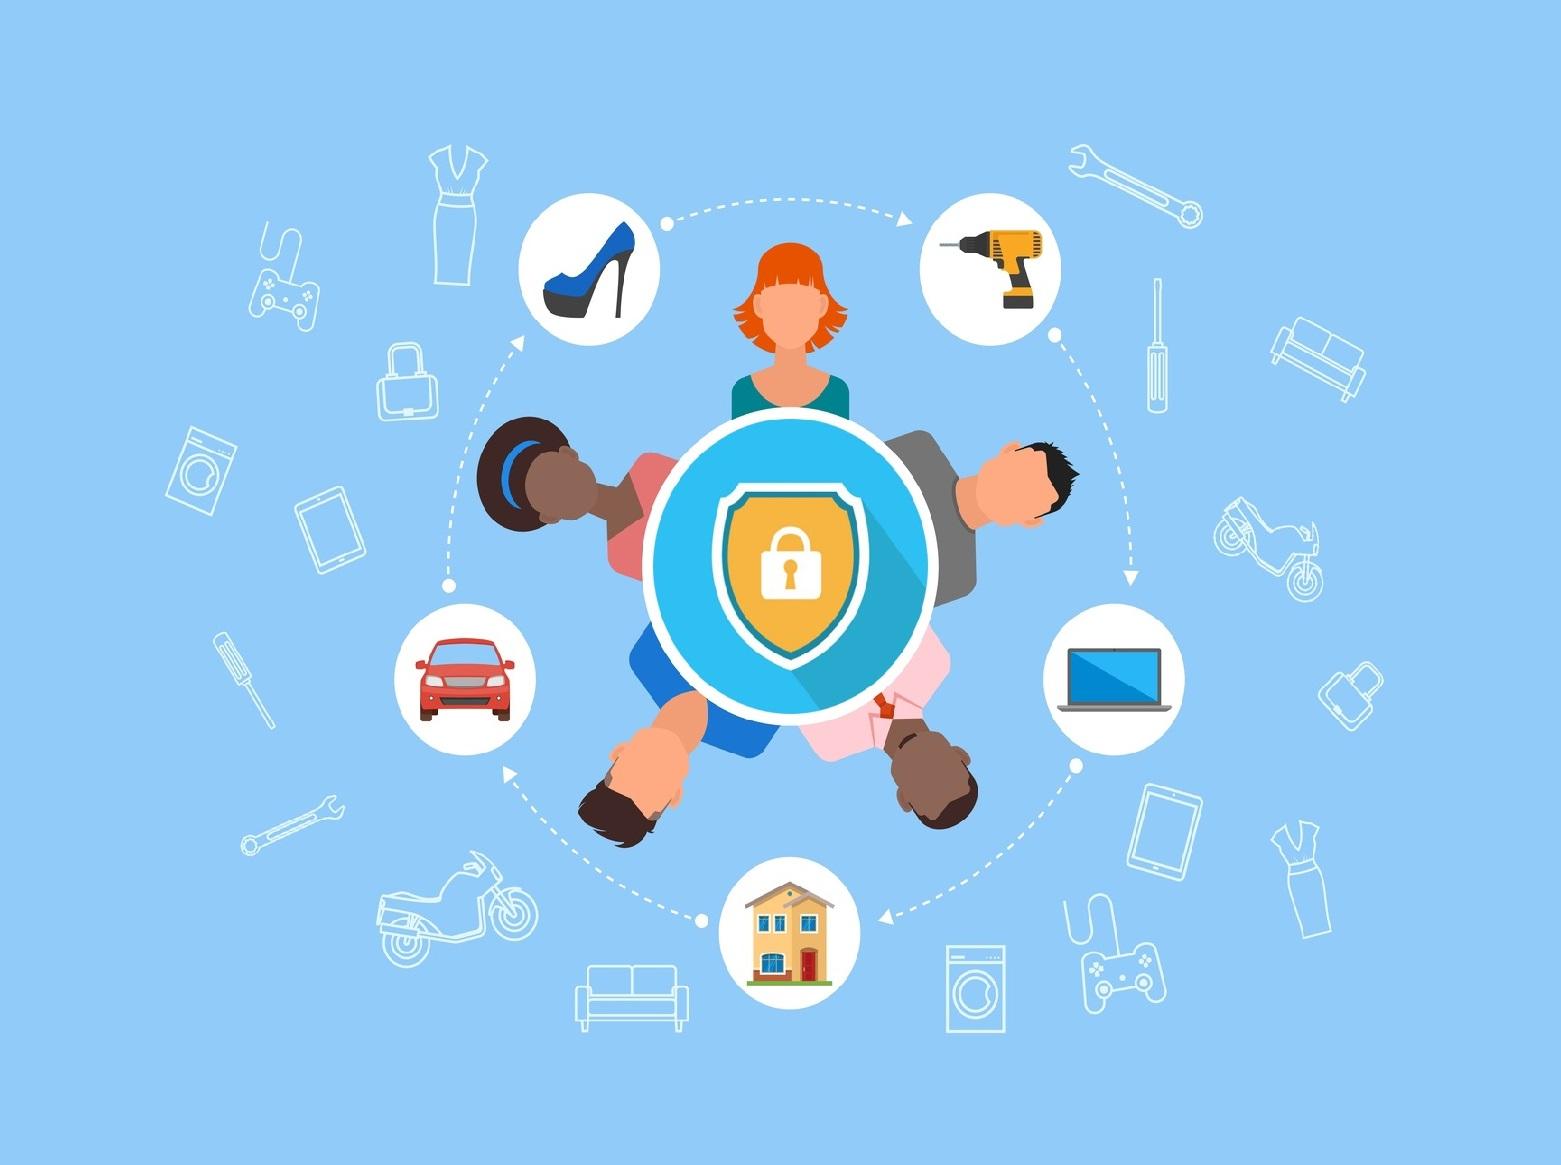 هویت دیجیتال و سودآوری بیشتر برای کسب و کار ها در اقتصاد مشارکتی